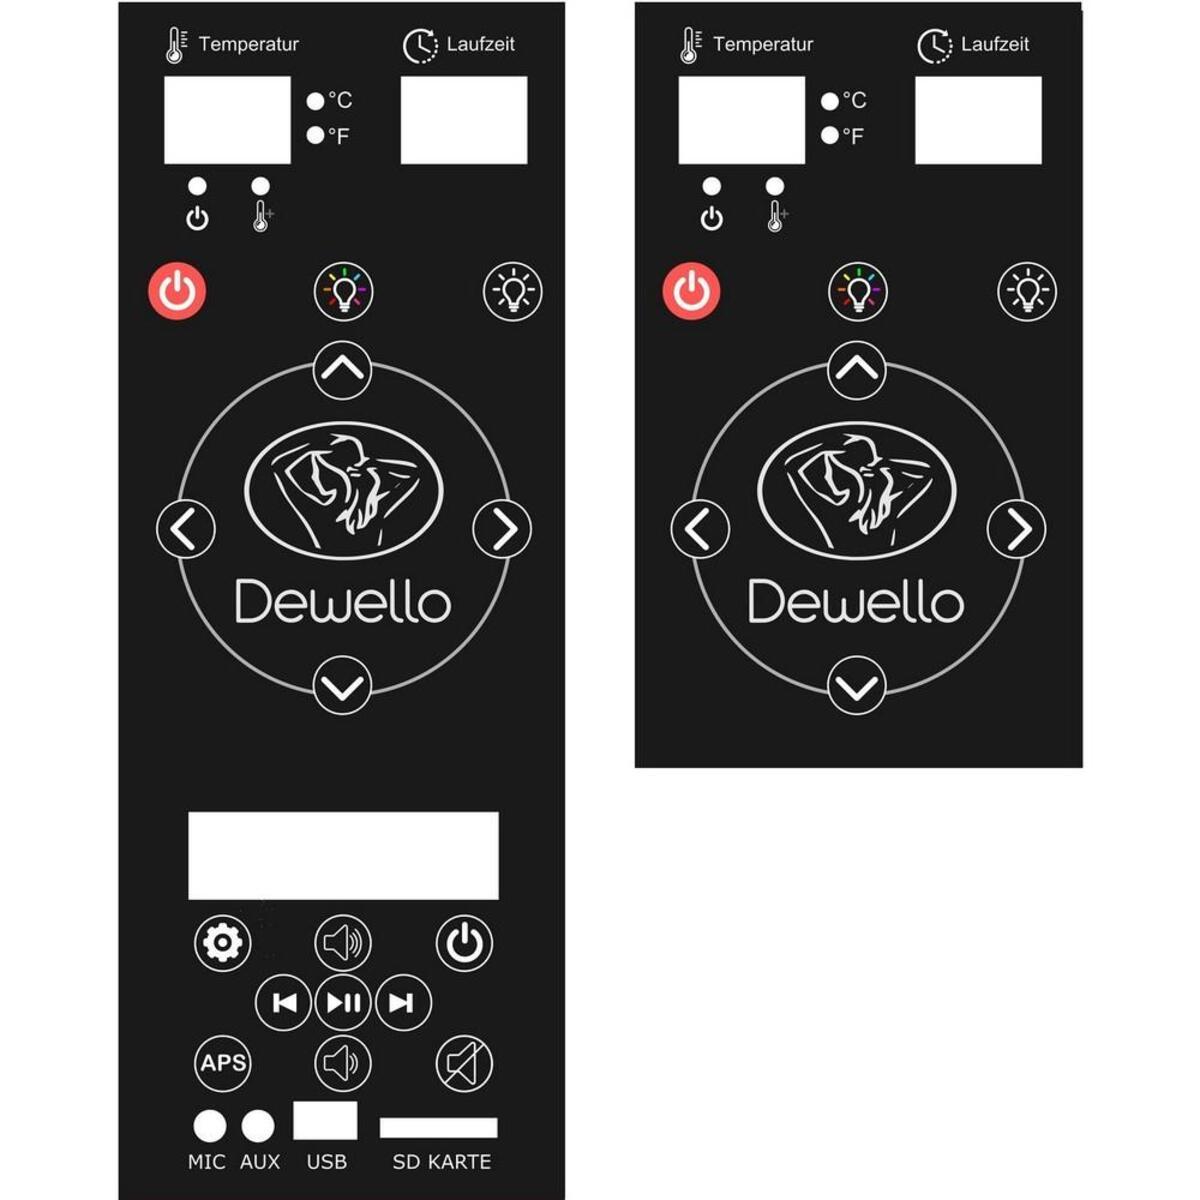 Bild 5 von Dewello Infrarotkabine PIERSON Dual-Therm